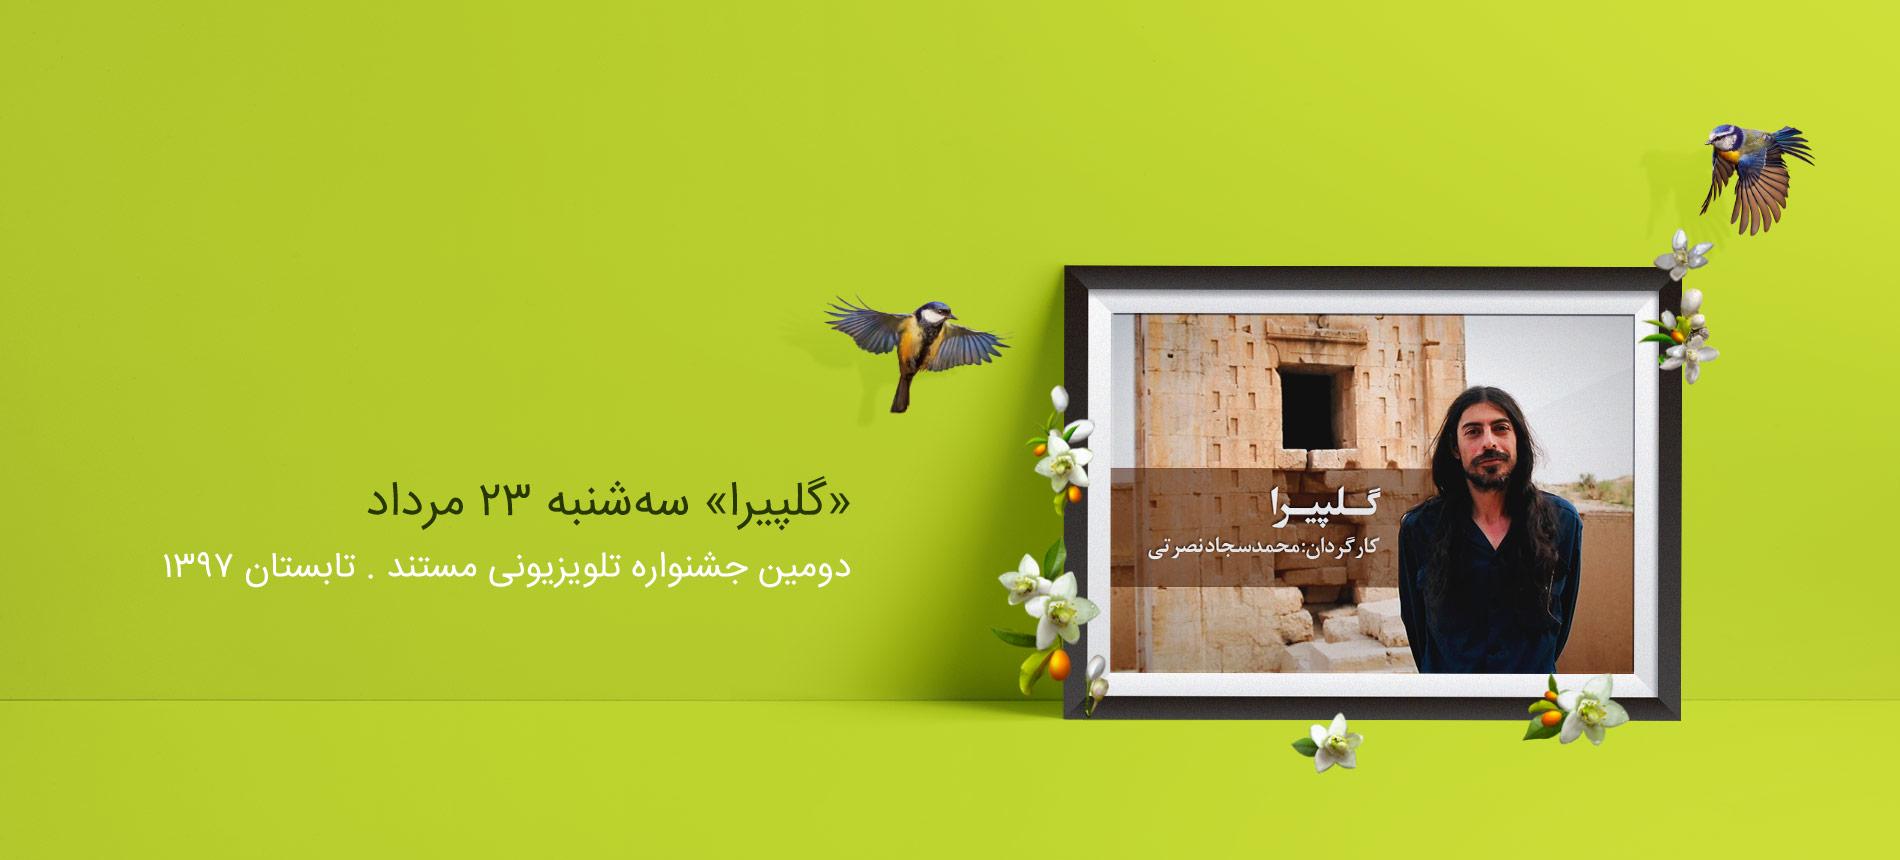 زندگی متفاوت یک روزنامه نگار متفاوت در «گل پیرا» به روایت «محمدسجاد نصرتی»